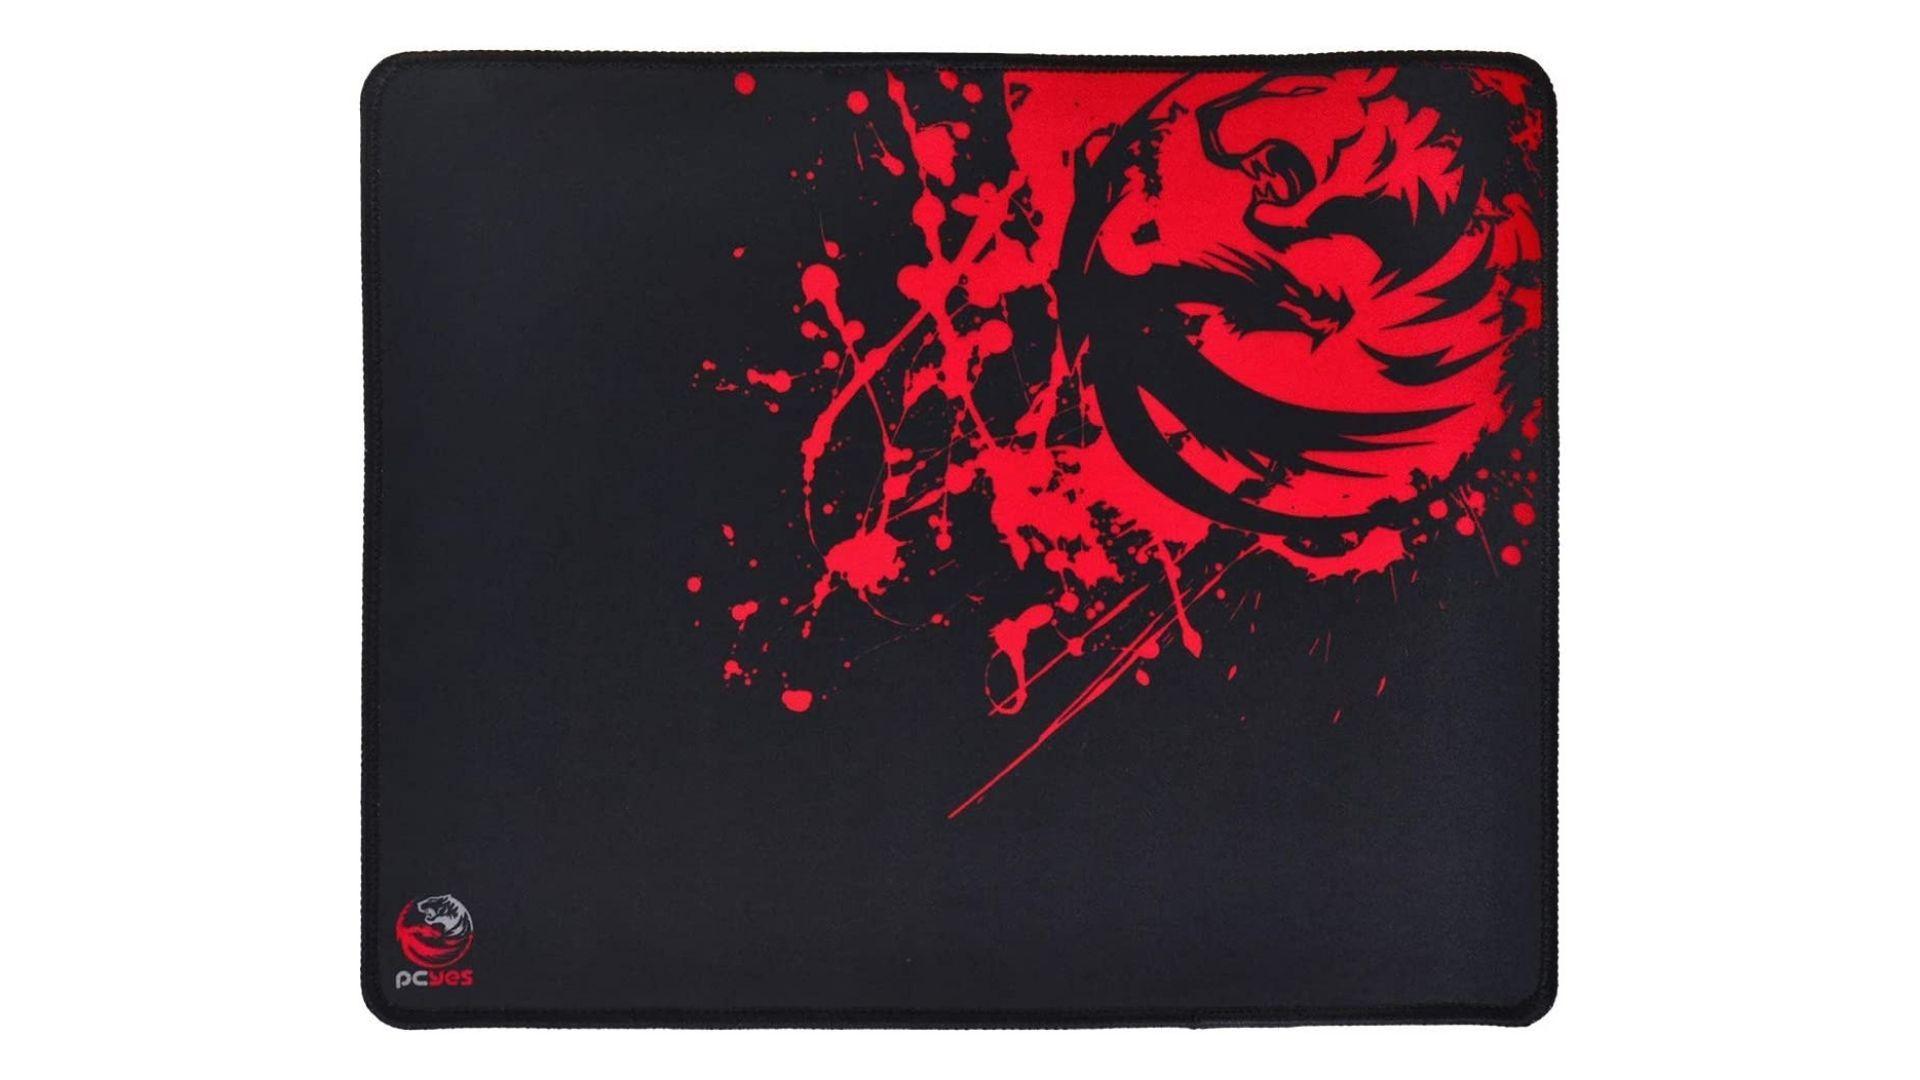 PCYes Essential Splash preto e vermelho no fundo branco